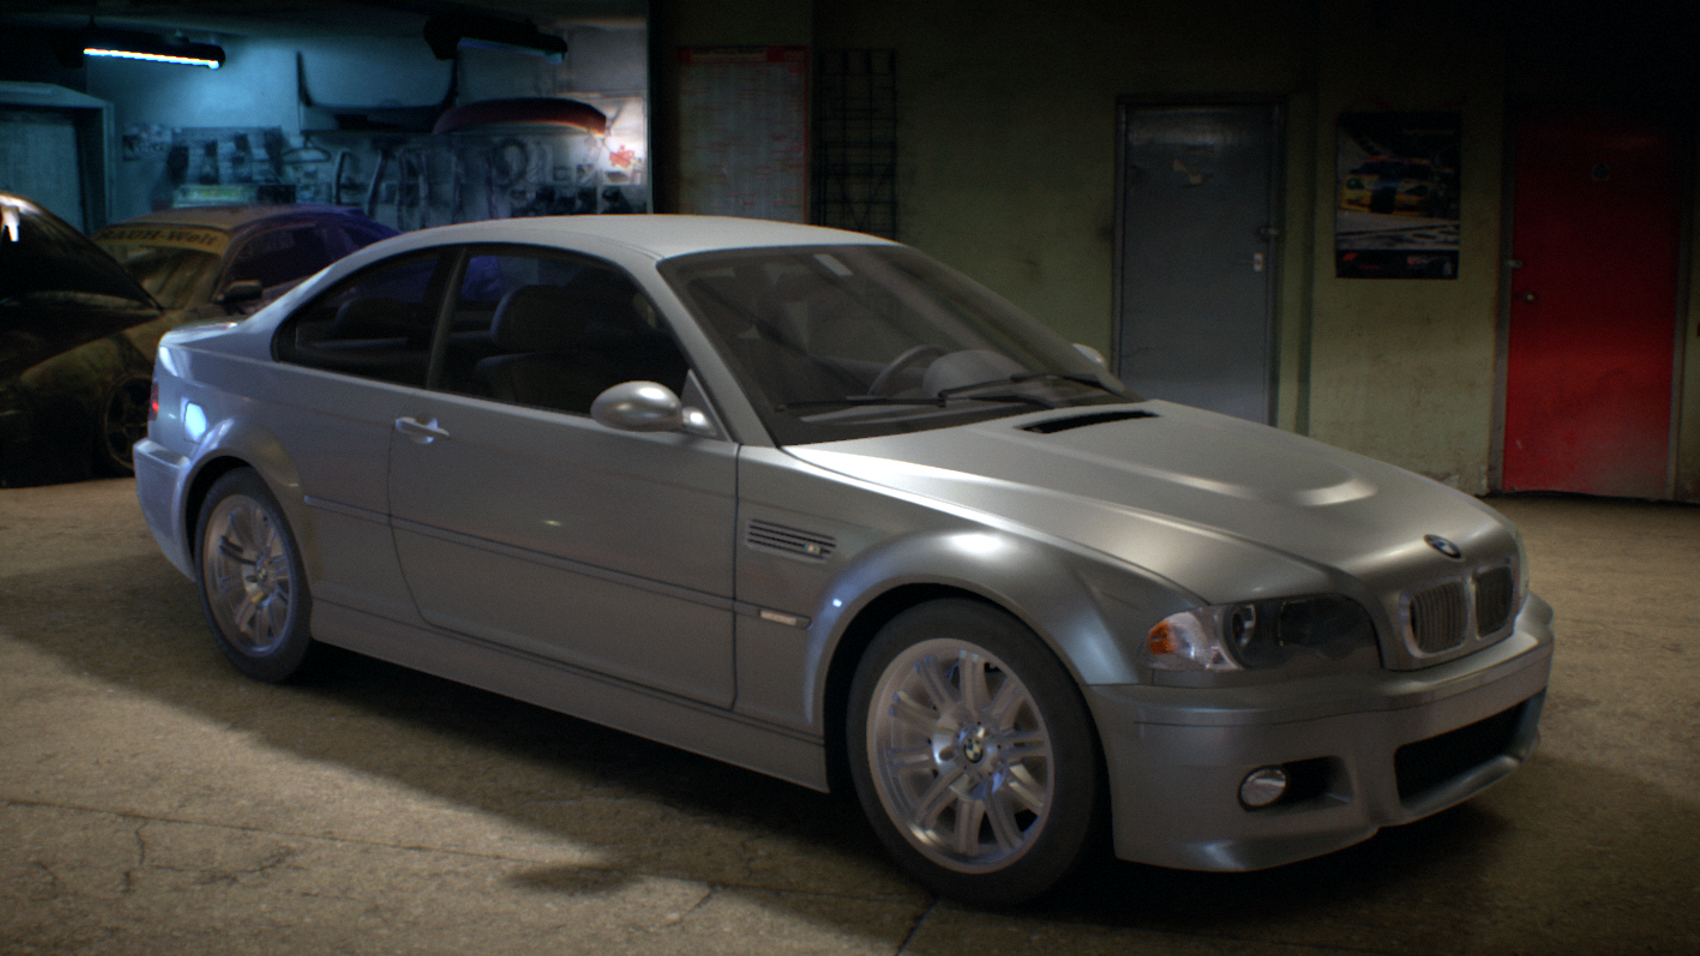 BMW M3 (E46) | Need for Speed Wiki | FANDOM powered by Wikia